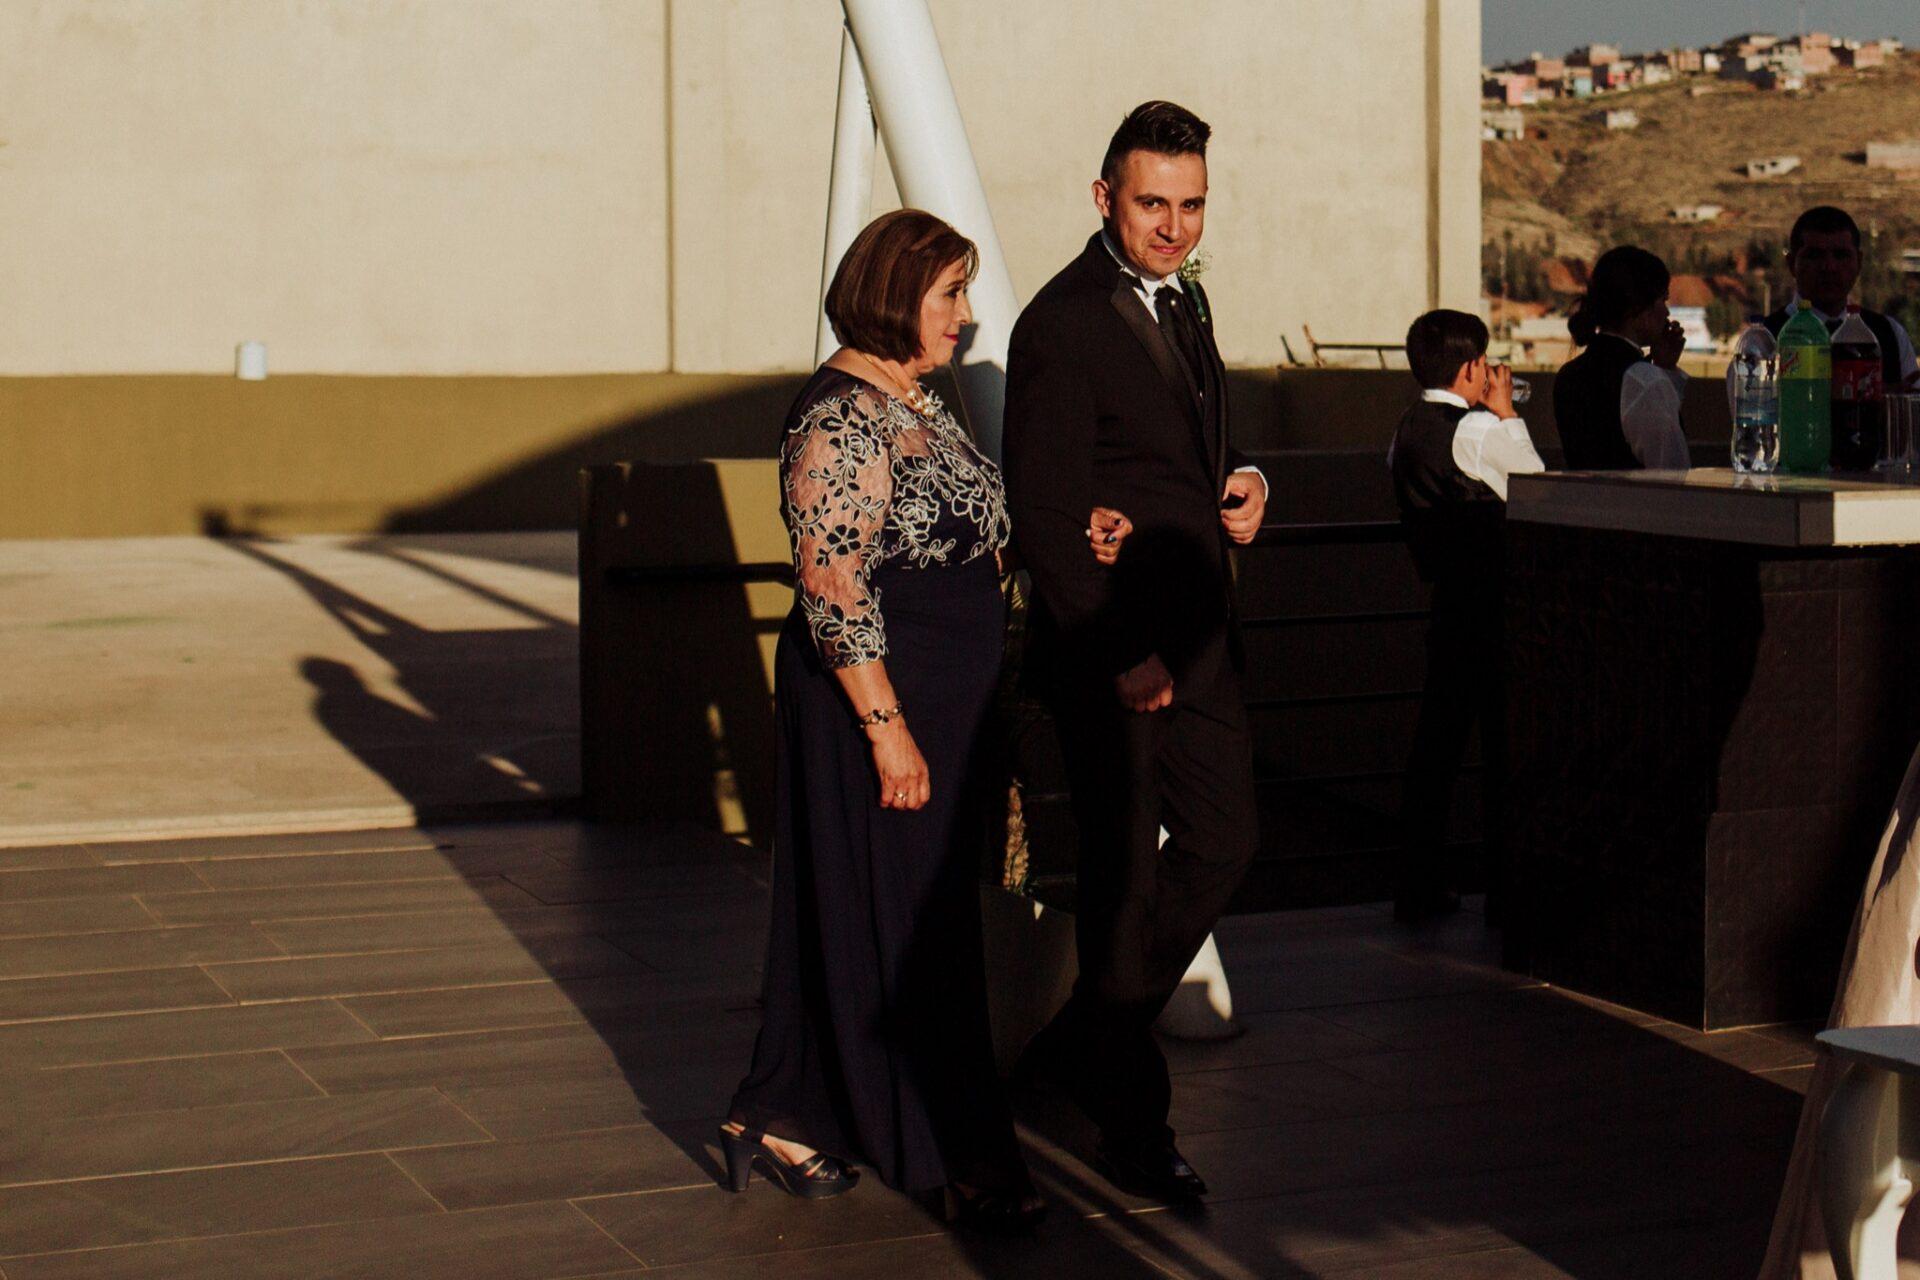 javier_noriega_fotografo_bodas_alicia_garden_zacatecas_wedding_photographer10